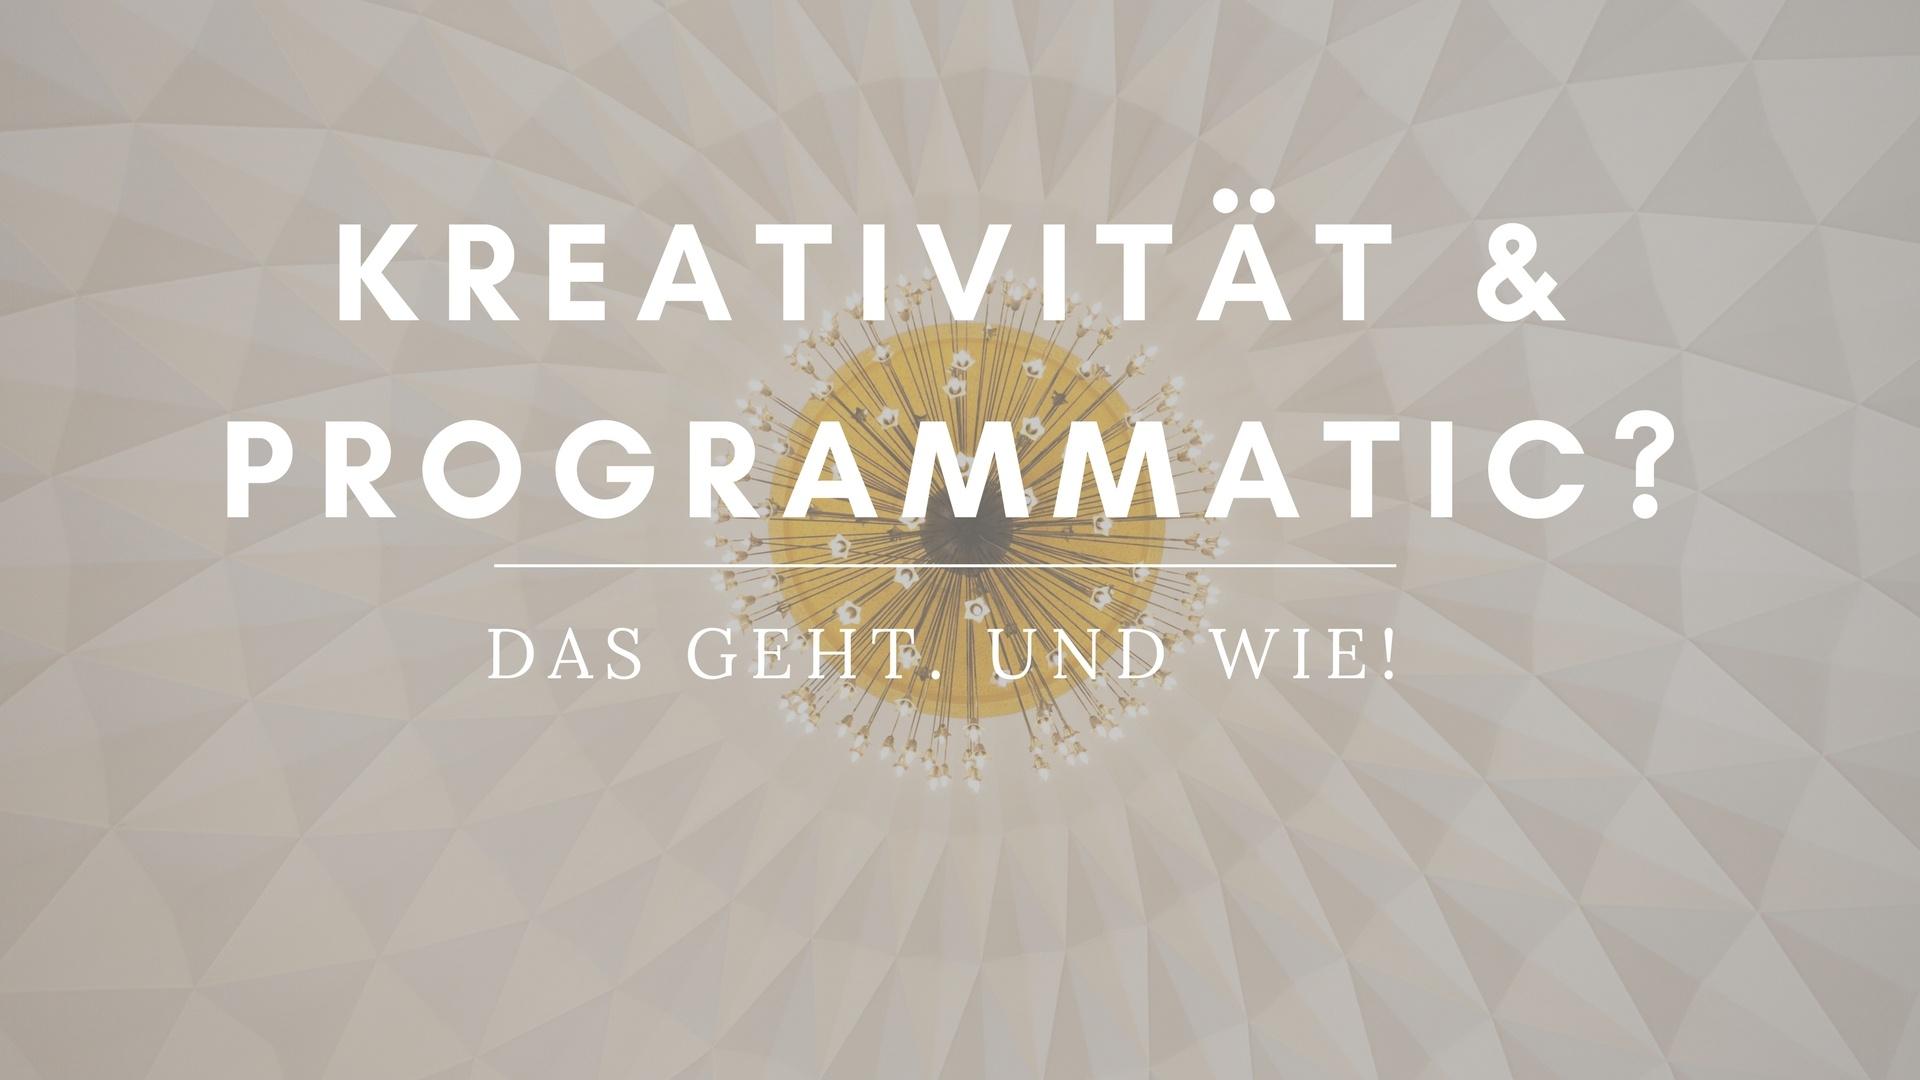 programmatic-advertising.jpg